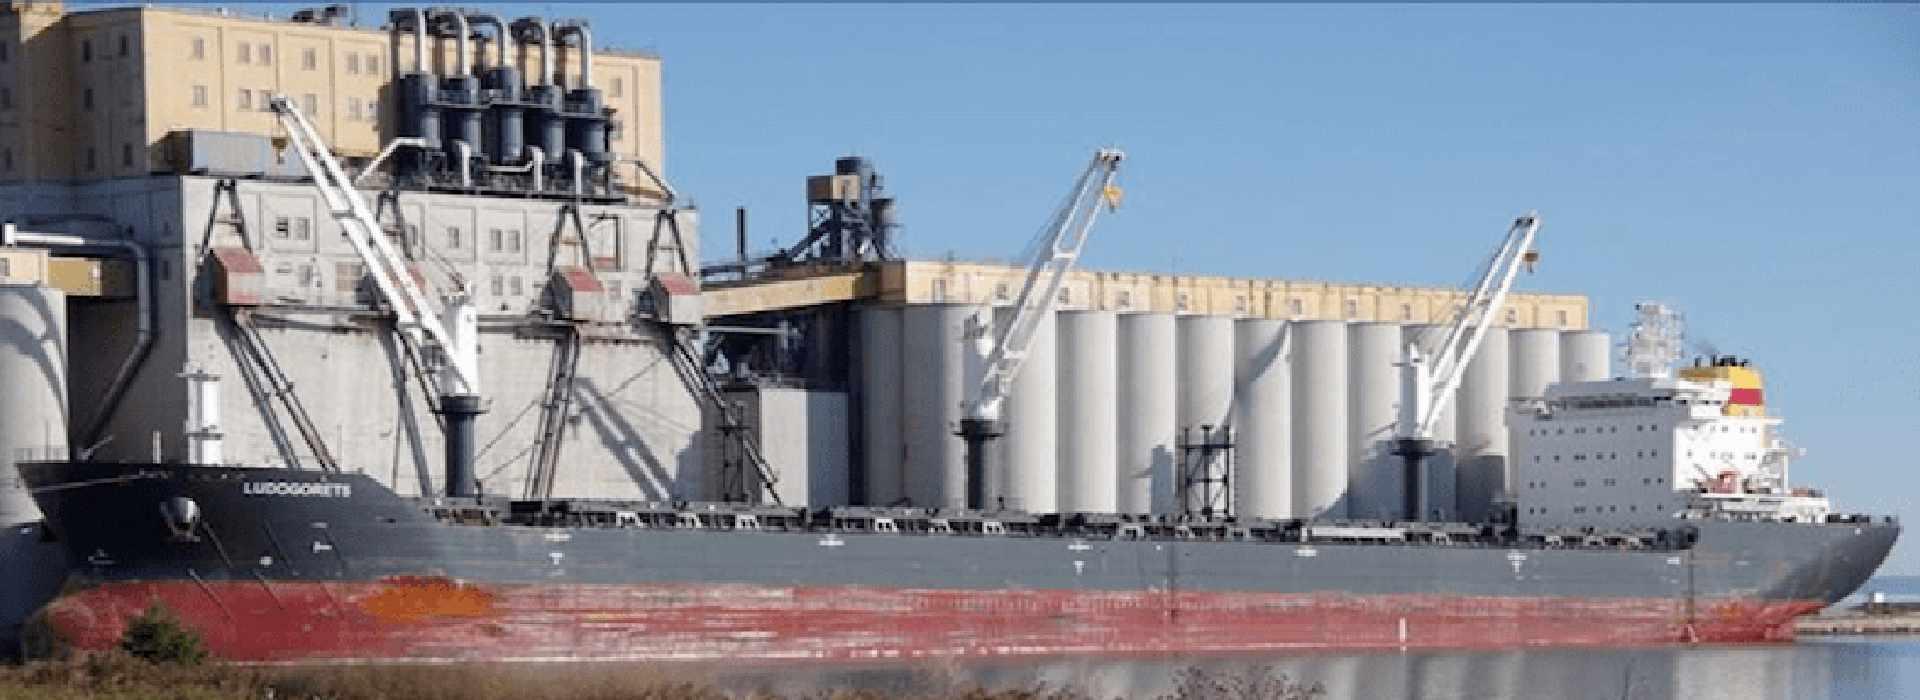 Le navi con il grano turco e russo che riforniscono i pastifici Casillo e Divella. E il silenzio di Coldiretti